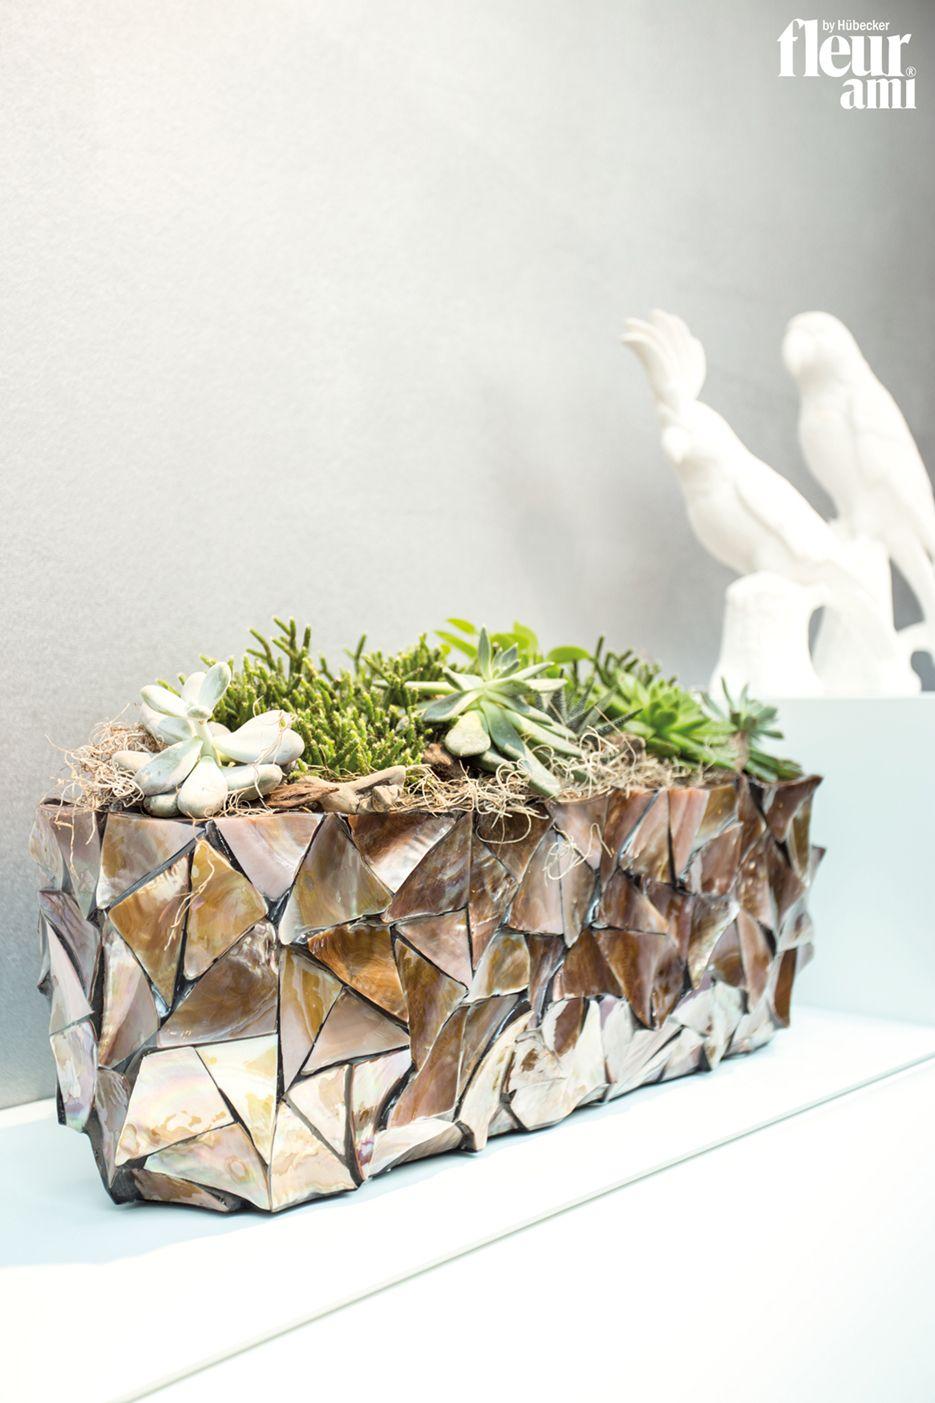 Shell Table Top Planter By Fleur Ami ○ Tischgefäß Von Fleur Ami